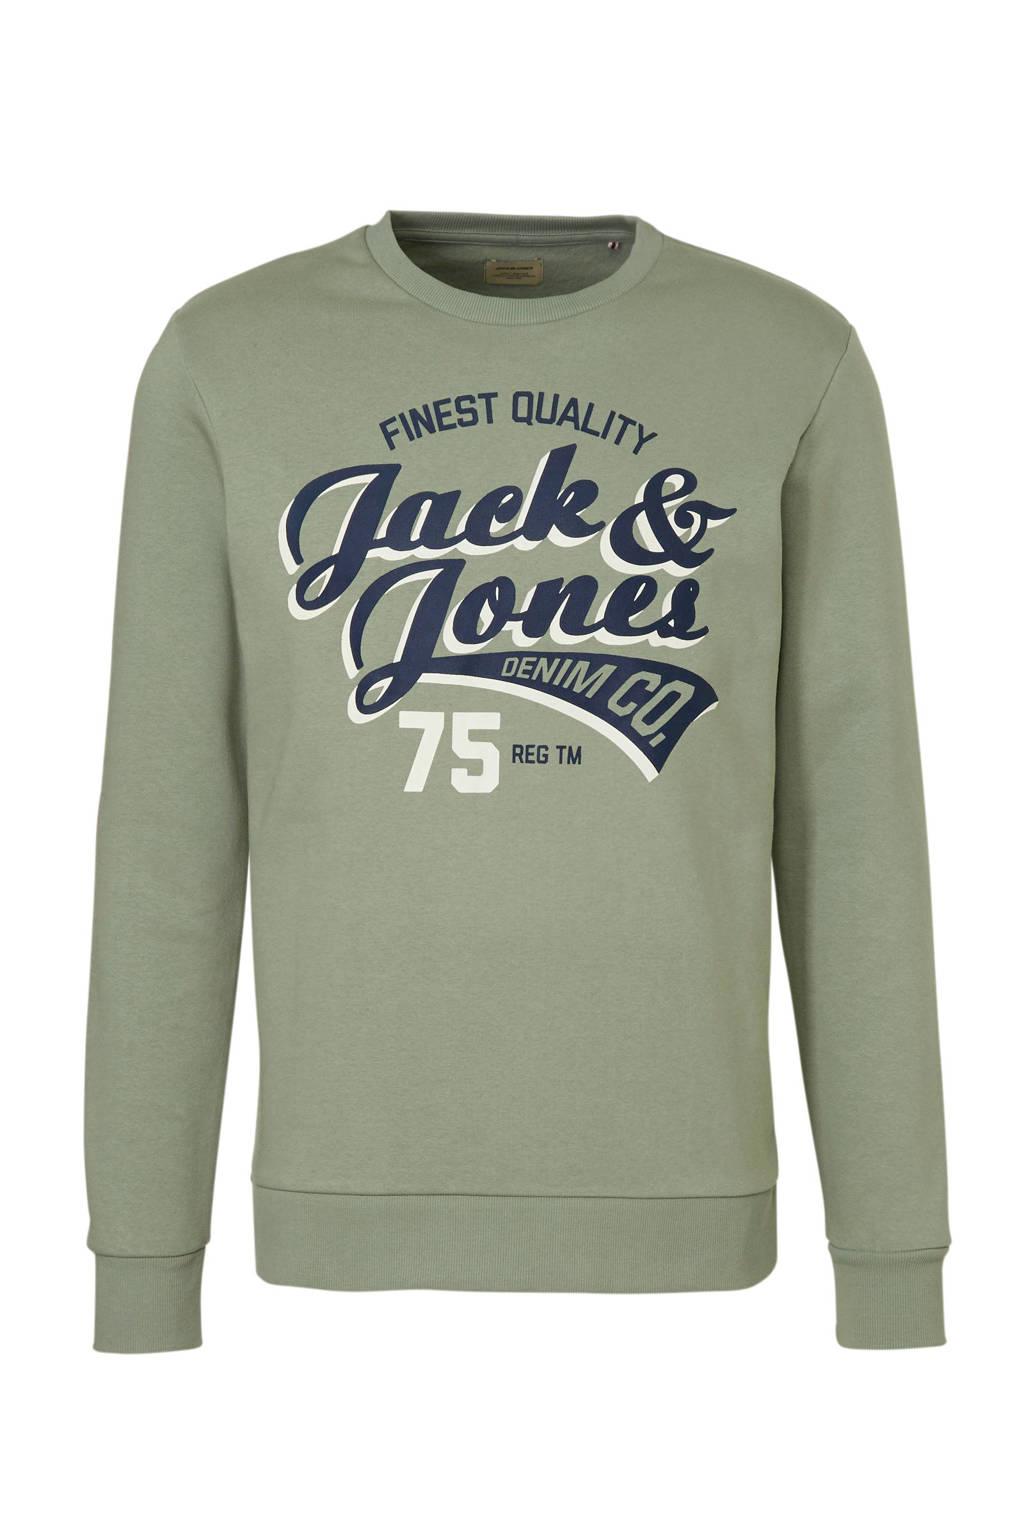 JACK & JONES ESSENTIALS sweater met logo, Groen